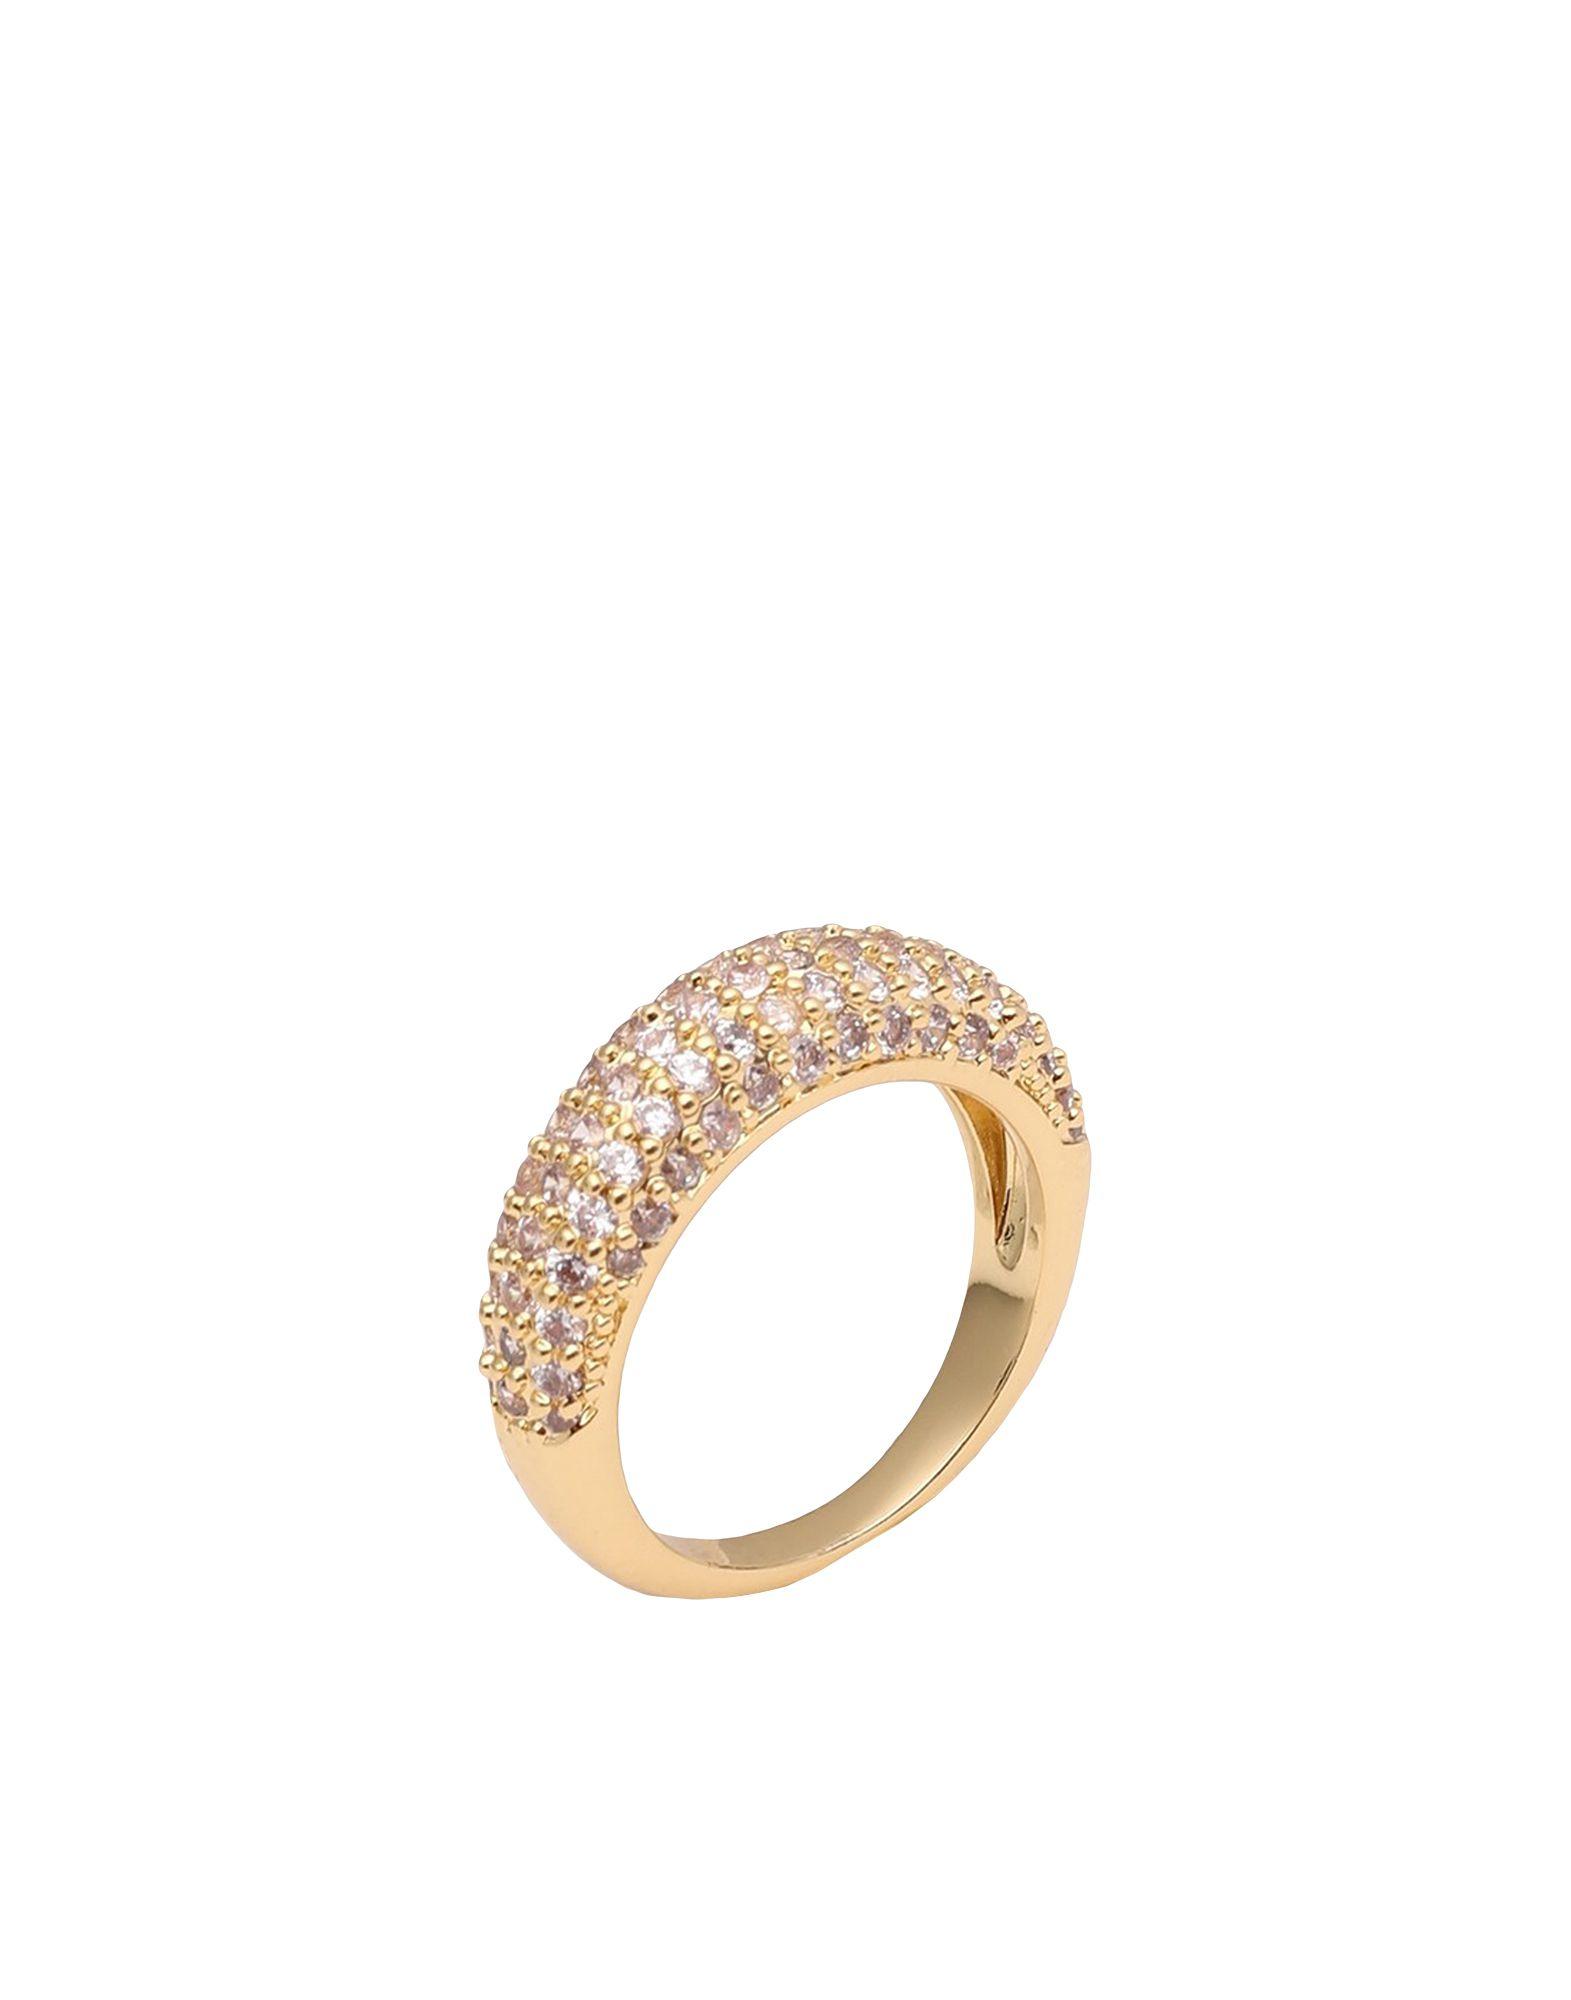 《セール開催中》LUV AJ レディース 指輪 ゴールド 5 真鍮/ブラス / クリスタル PAVE TUBE RING